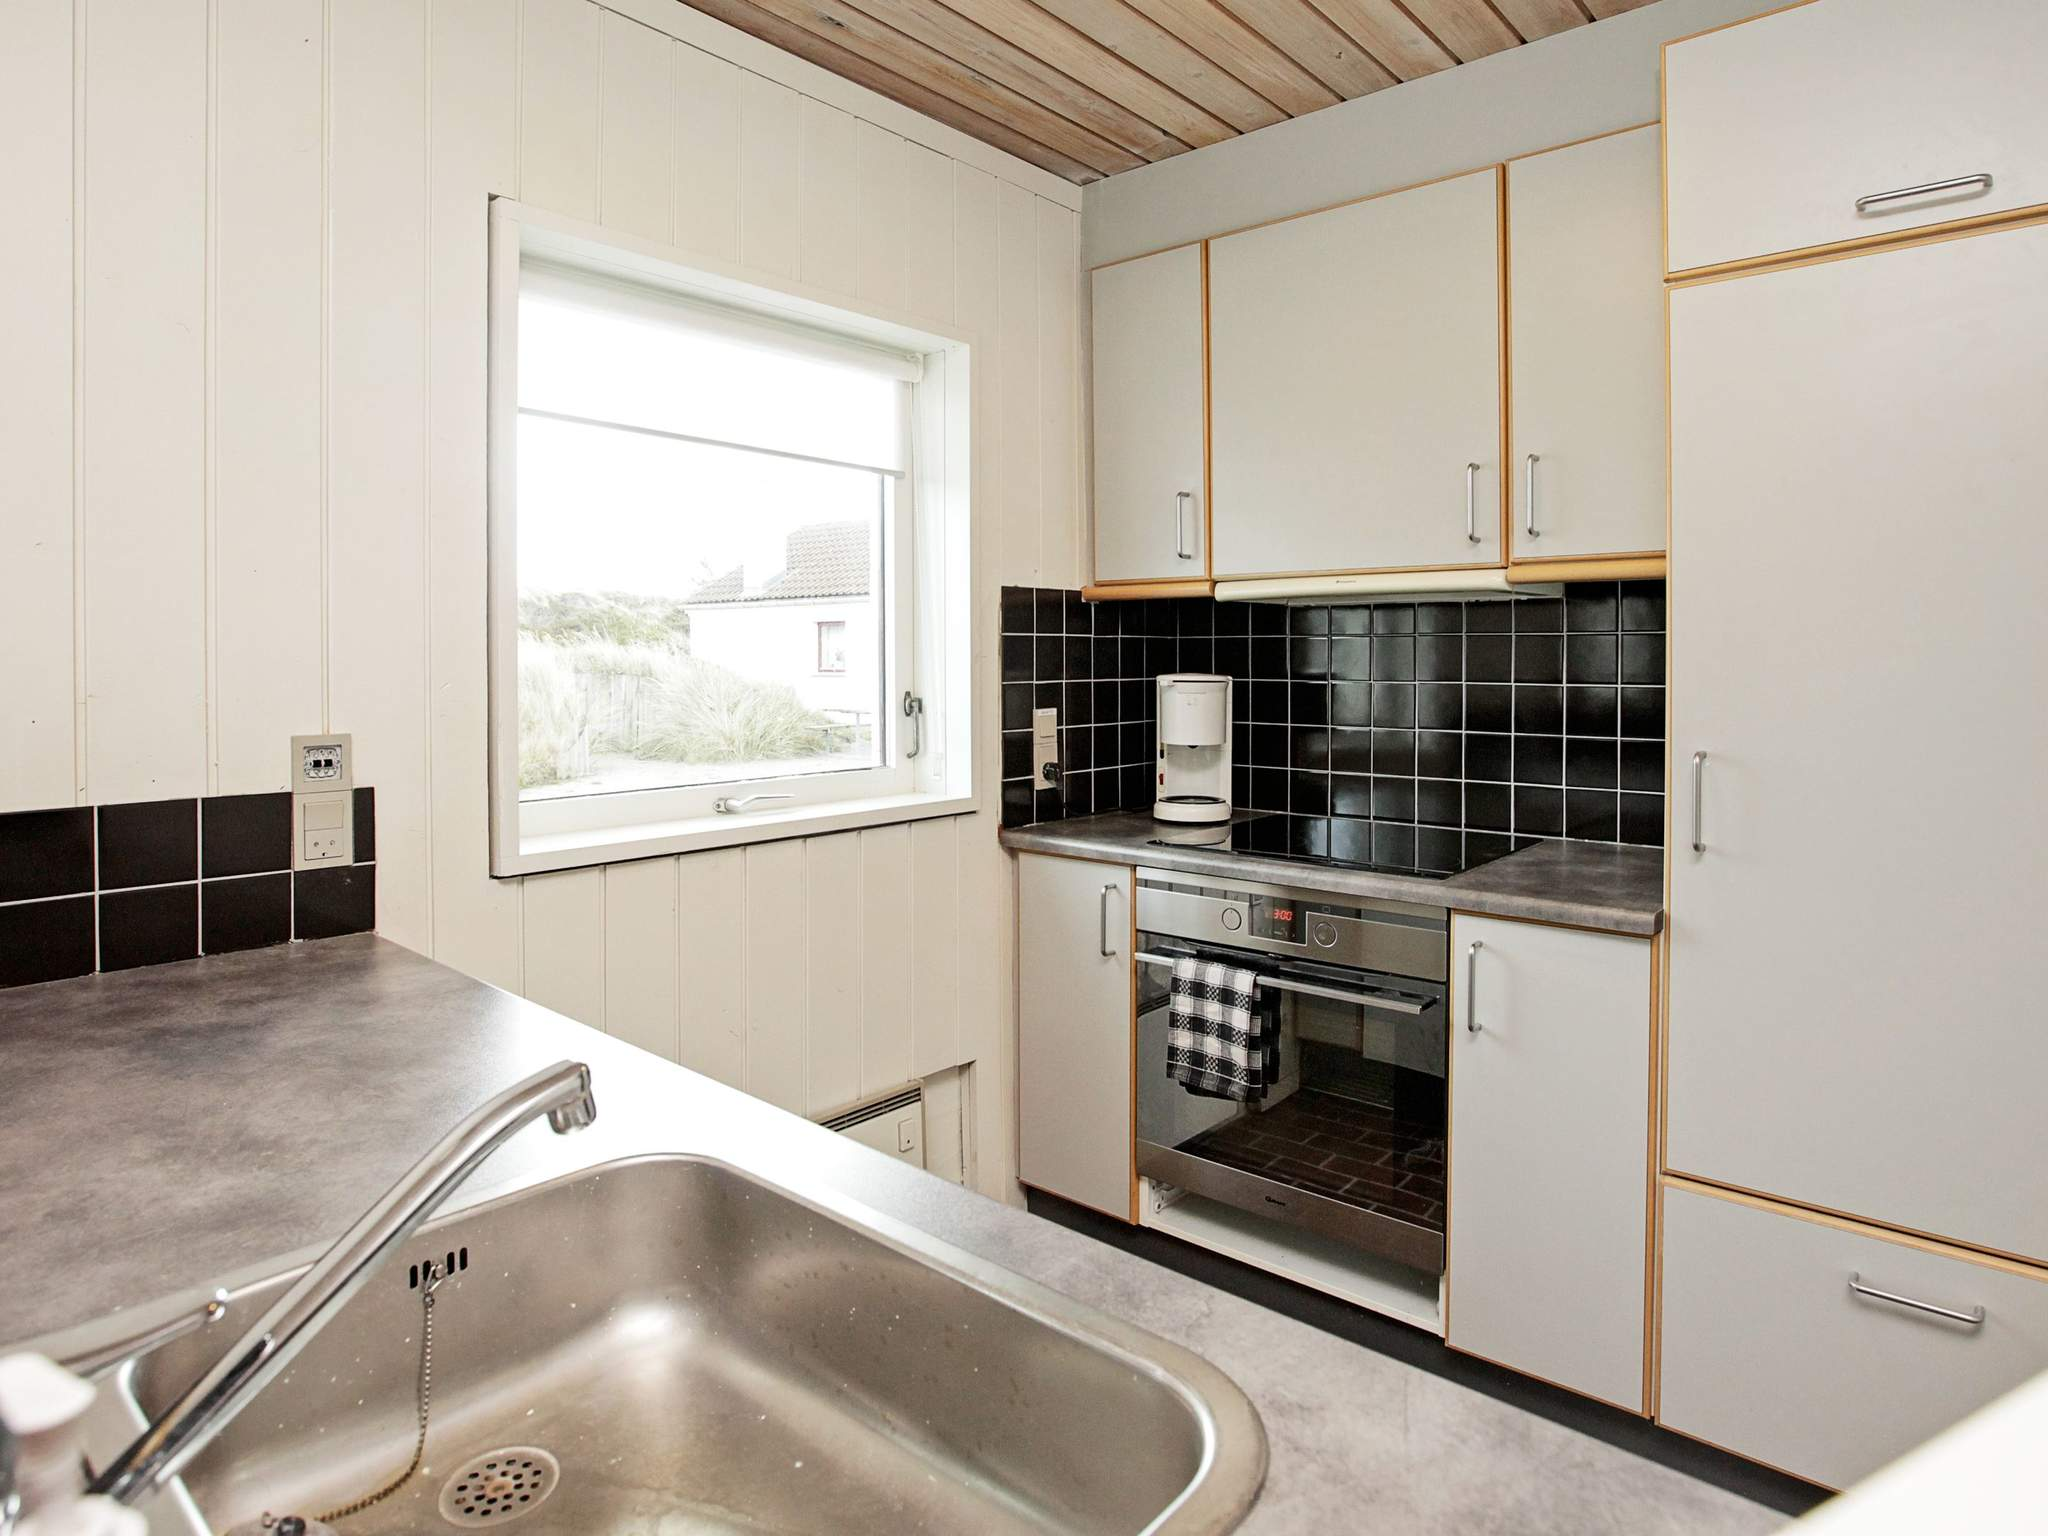 Ferienhaus Rødhus (2003420), Rødhus Klit, , Nordwestjütland, Dänemark, Bild 9